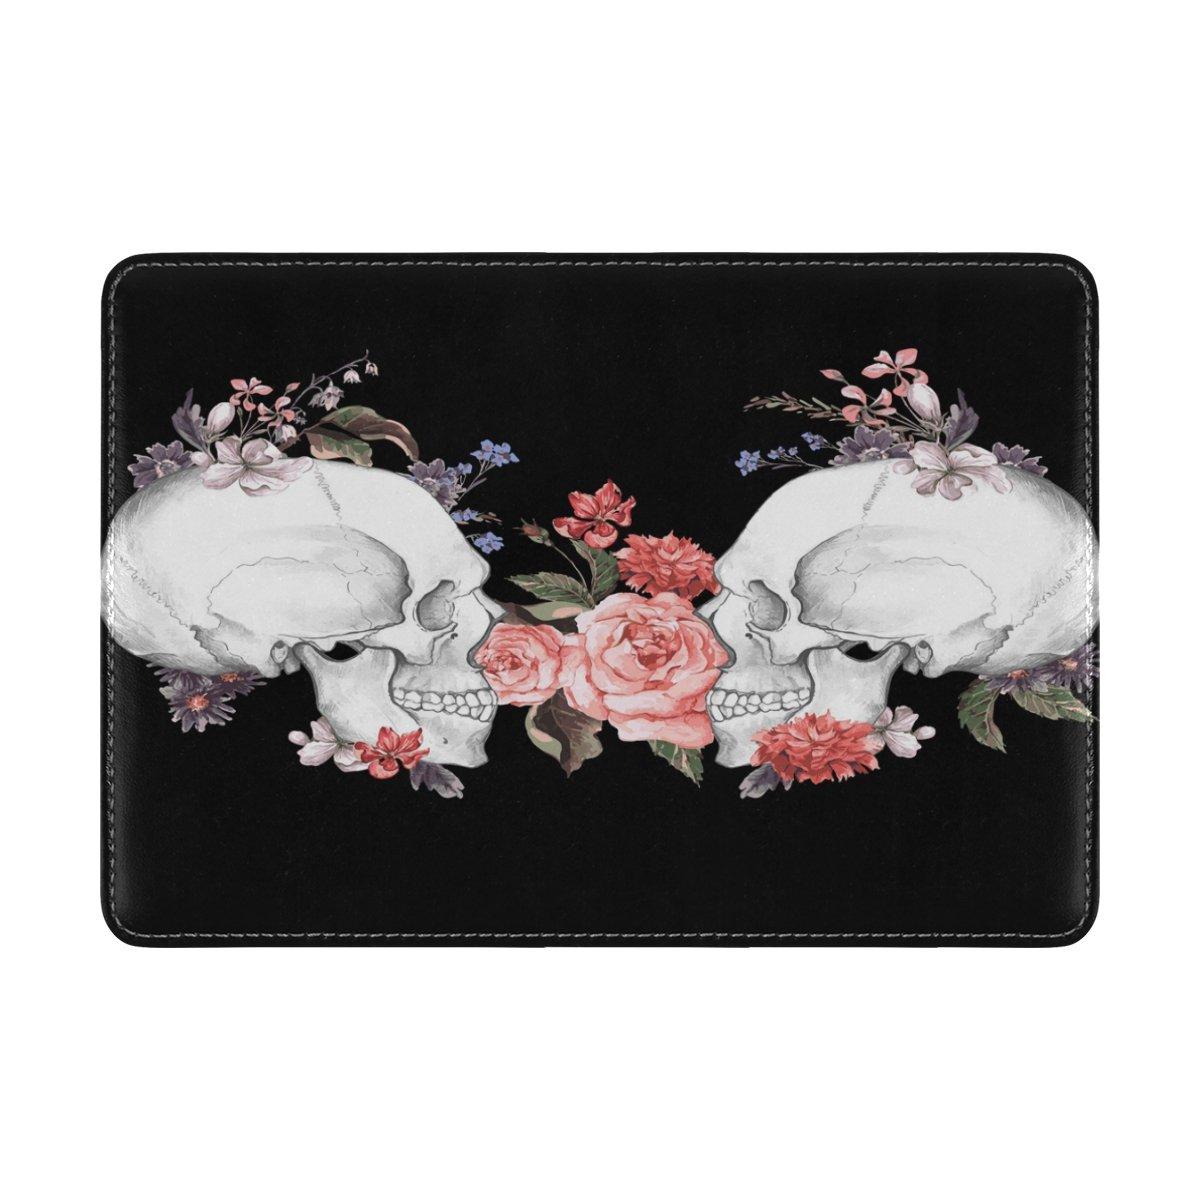 ALAZA Pink Rose Flower Sugar Skull Black PU Leather Passport Holder Cover Case Travel One Pocket